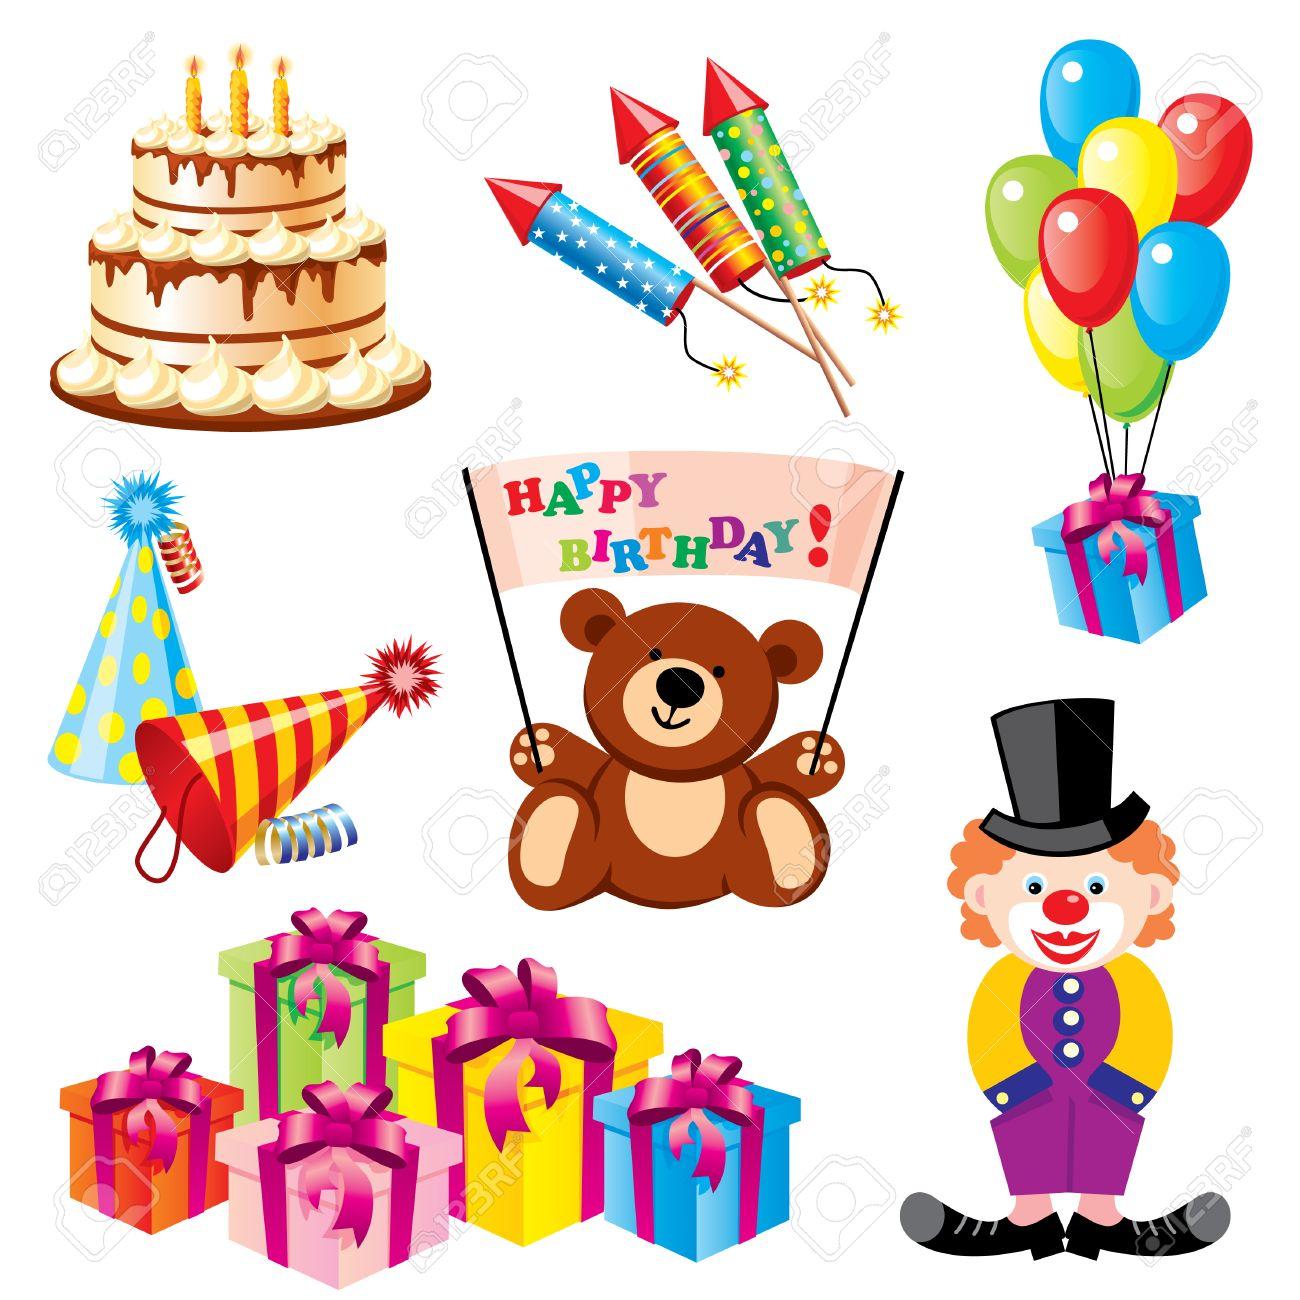 Поздравления с днём рождения с символами